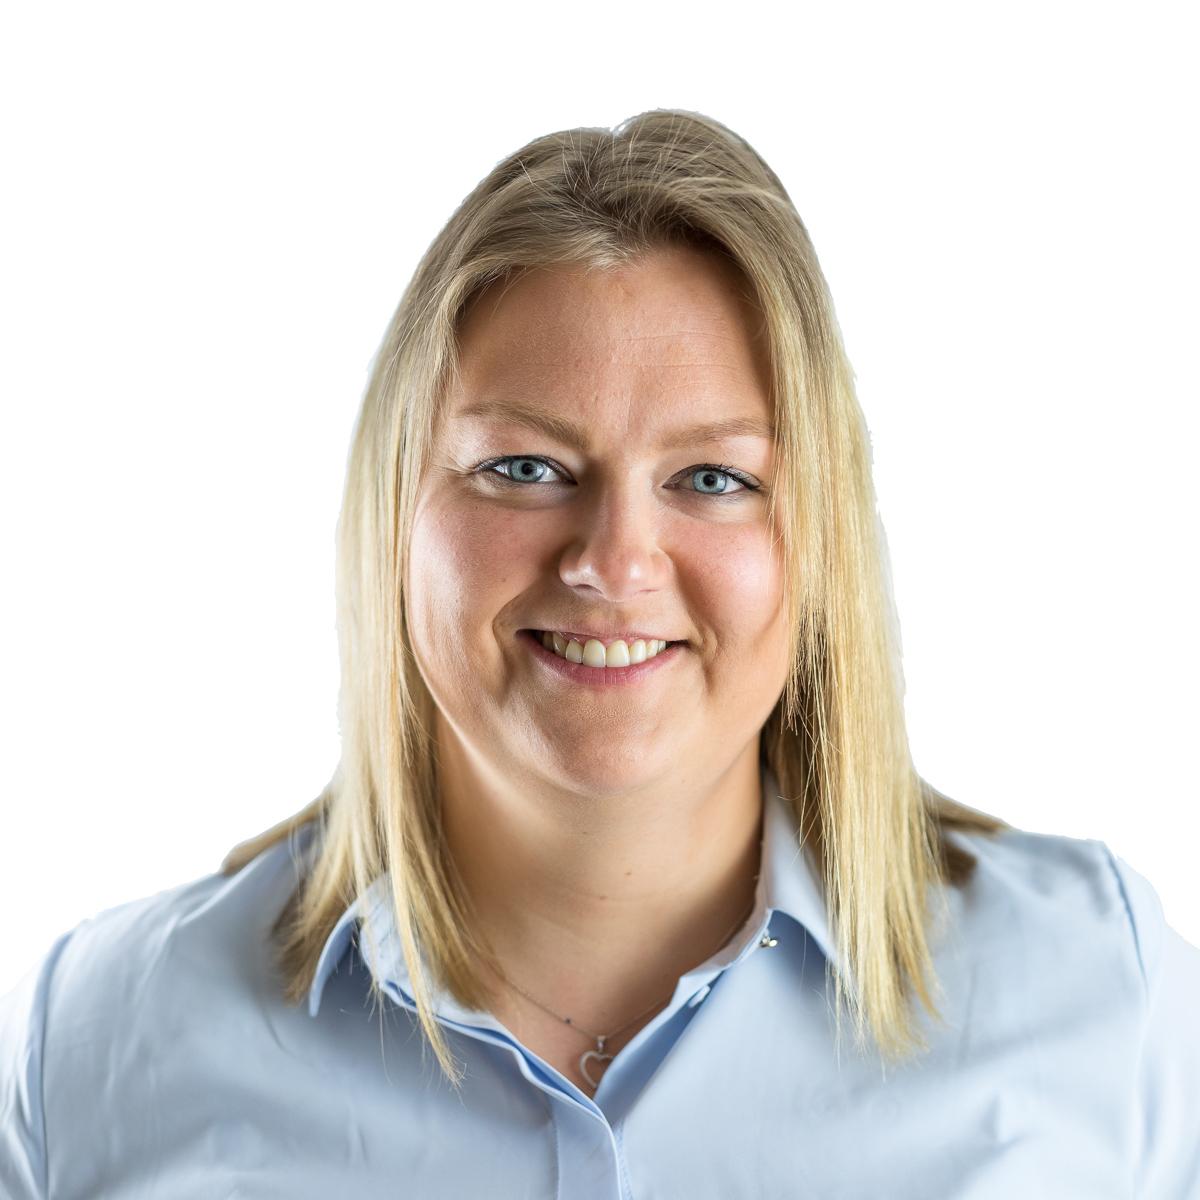 Annette Lynghjem